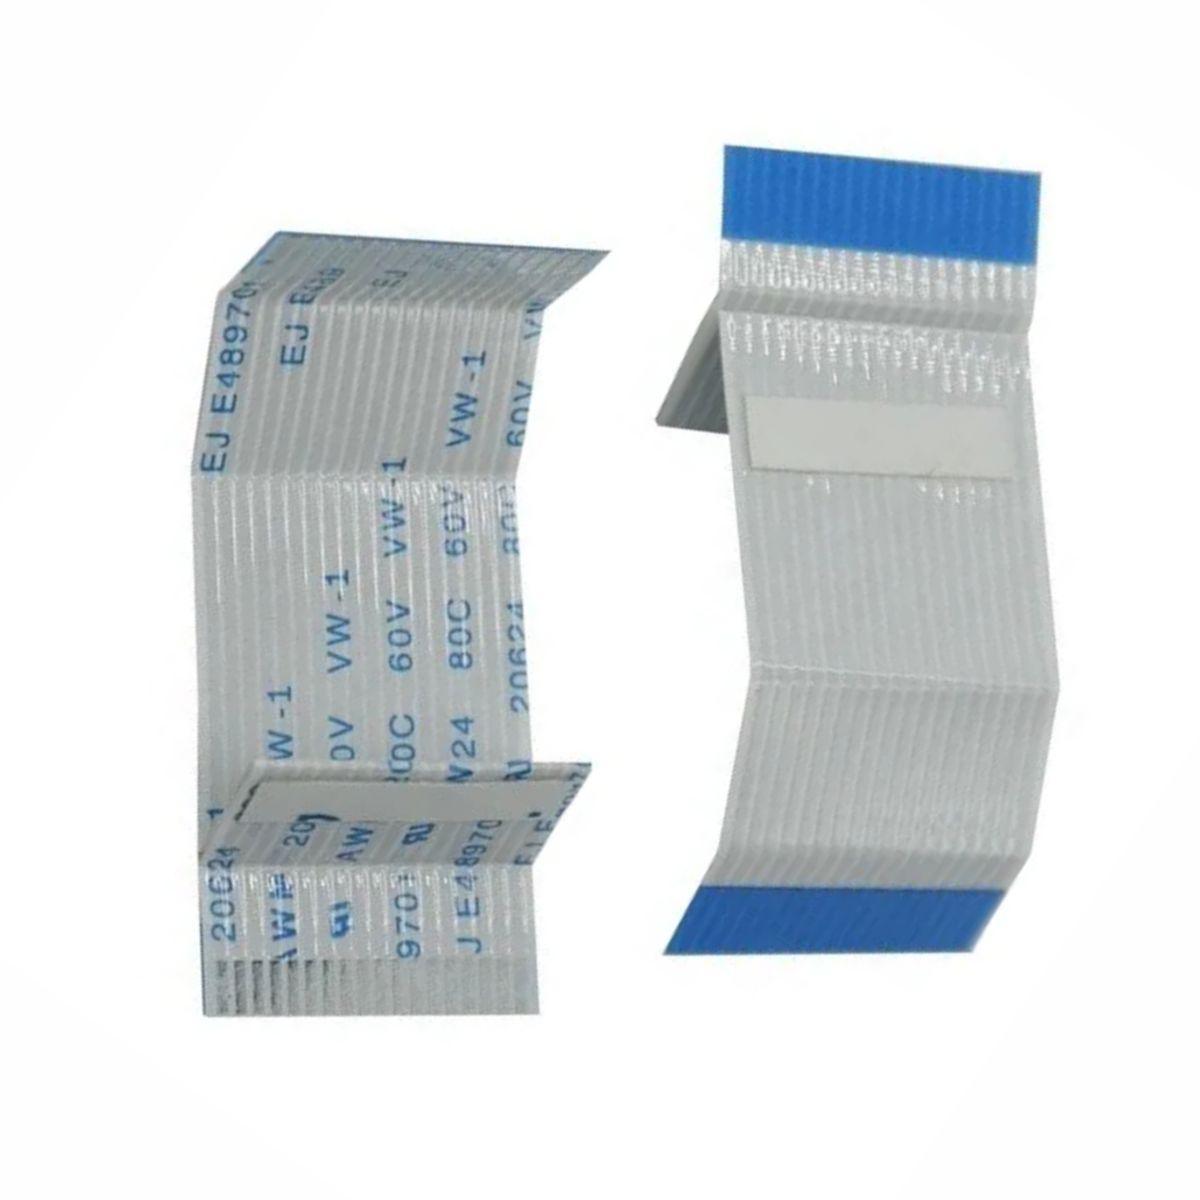 CABO FLAT DO CABEÇOTE DE IMPRESSÃO EPSON T33, T1110, L1330 E SIMILARES (PAR)